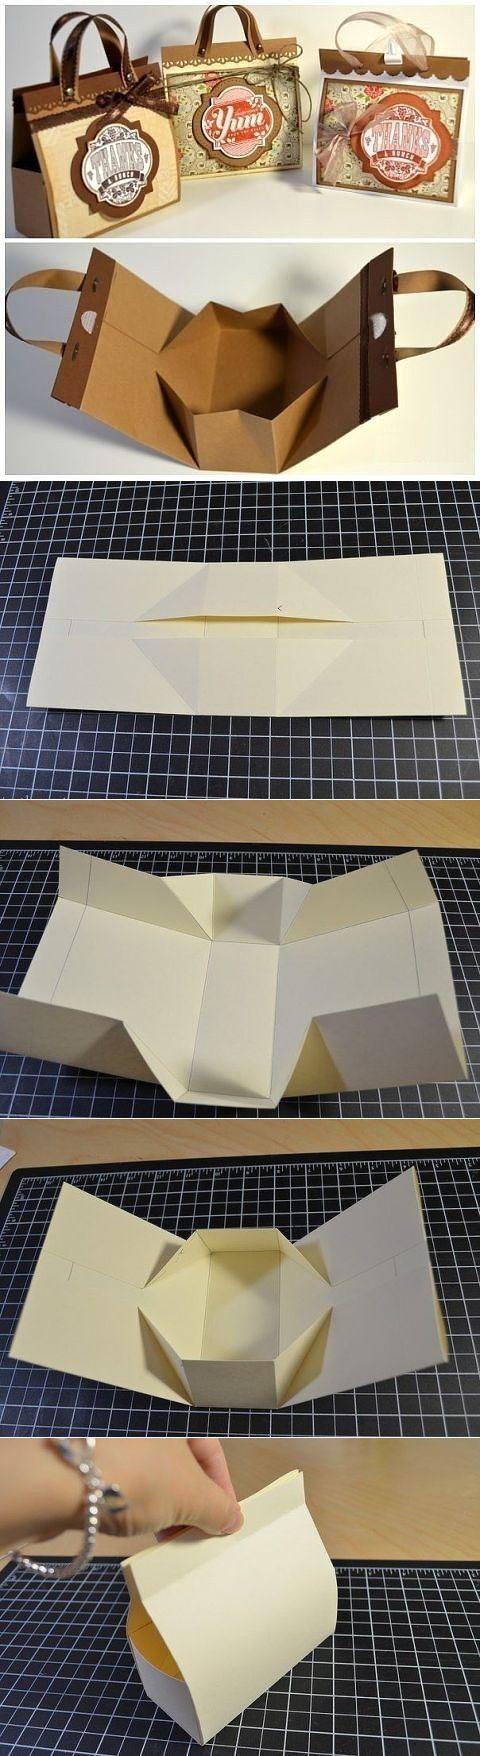 Мини-сумочка — идея для подарочной упаковки